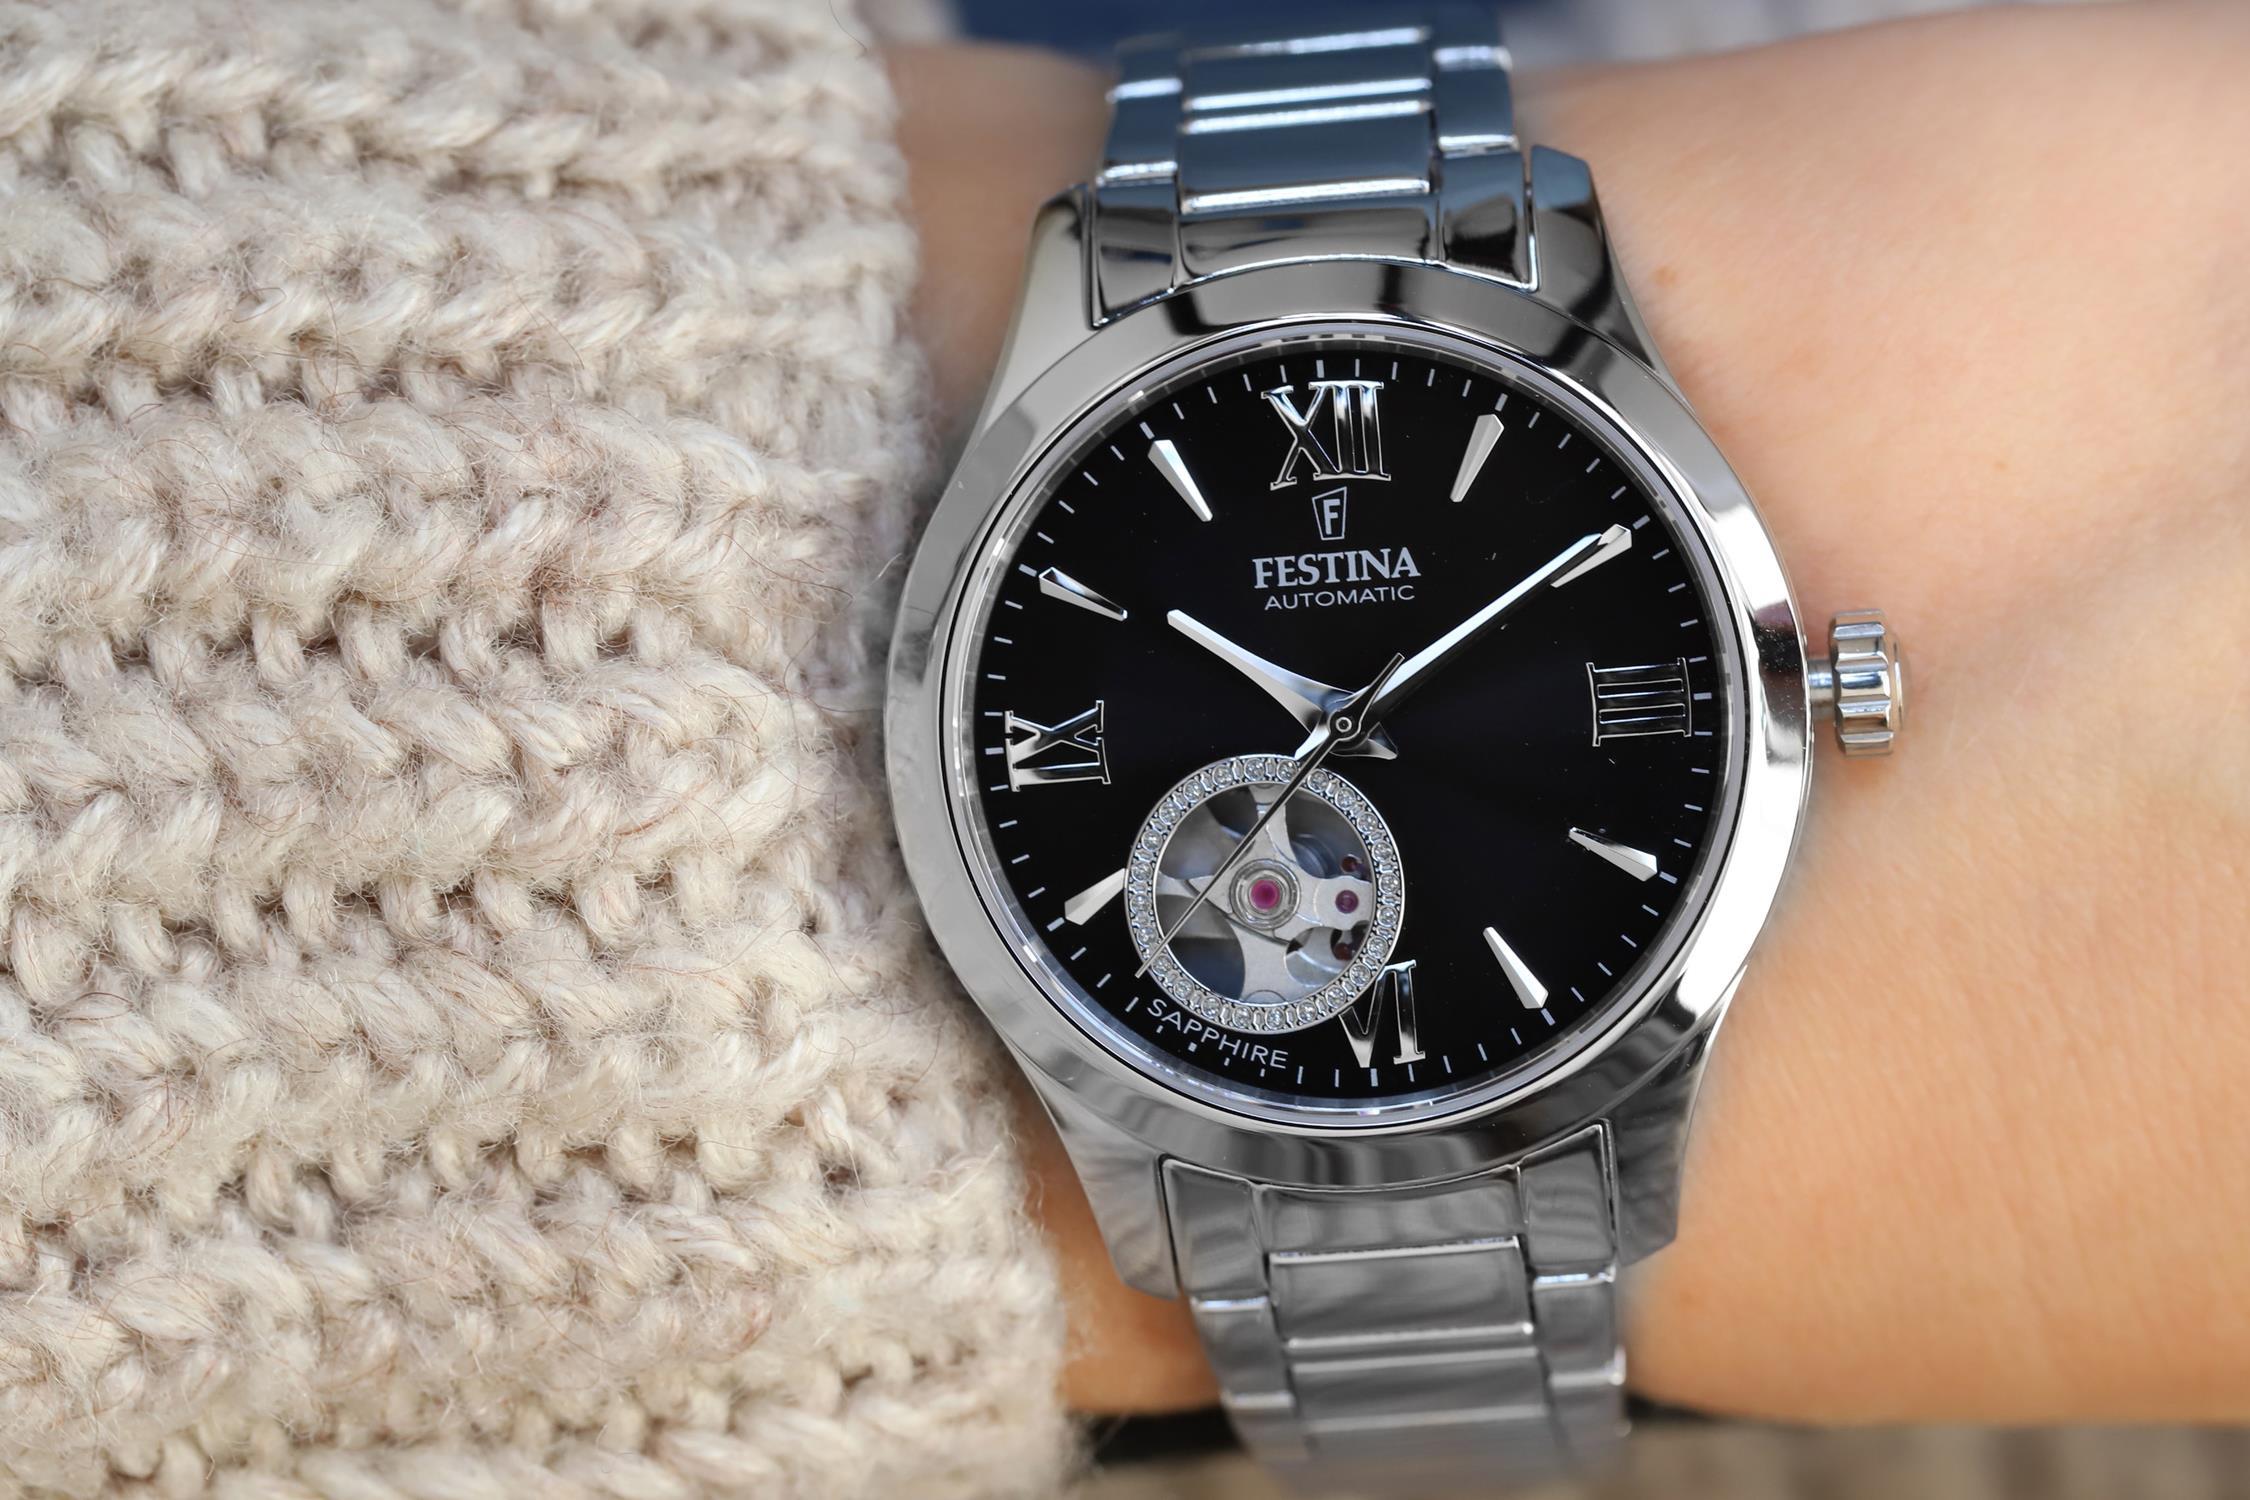 zegarek Festina F20488-2 automatyczny damski Classic Open Heart Automatic